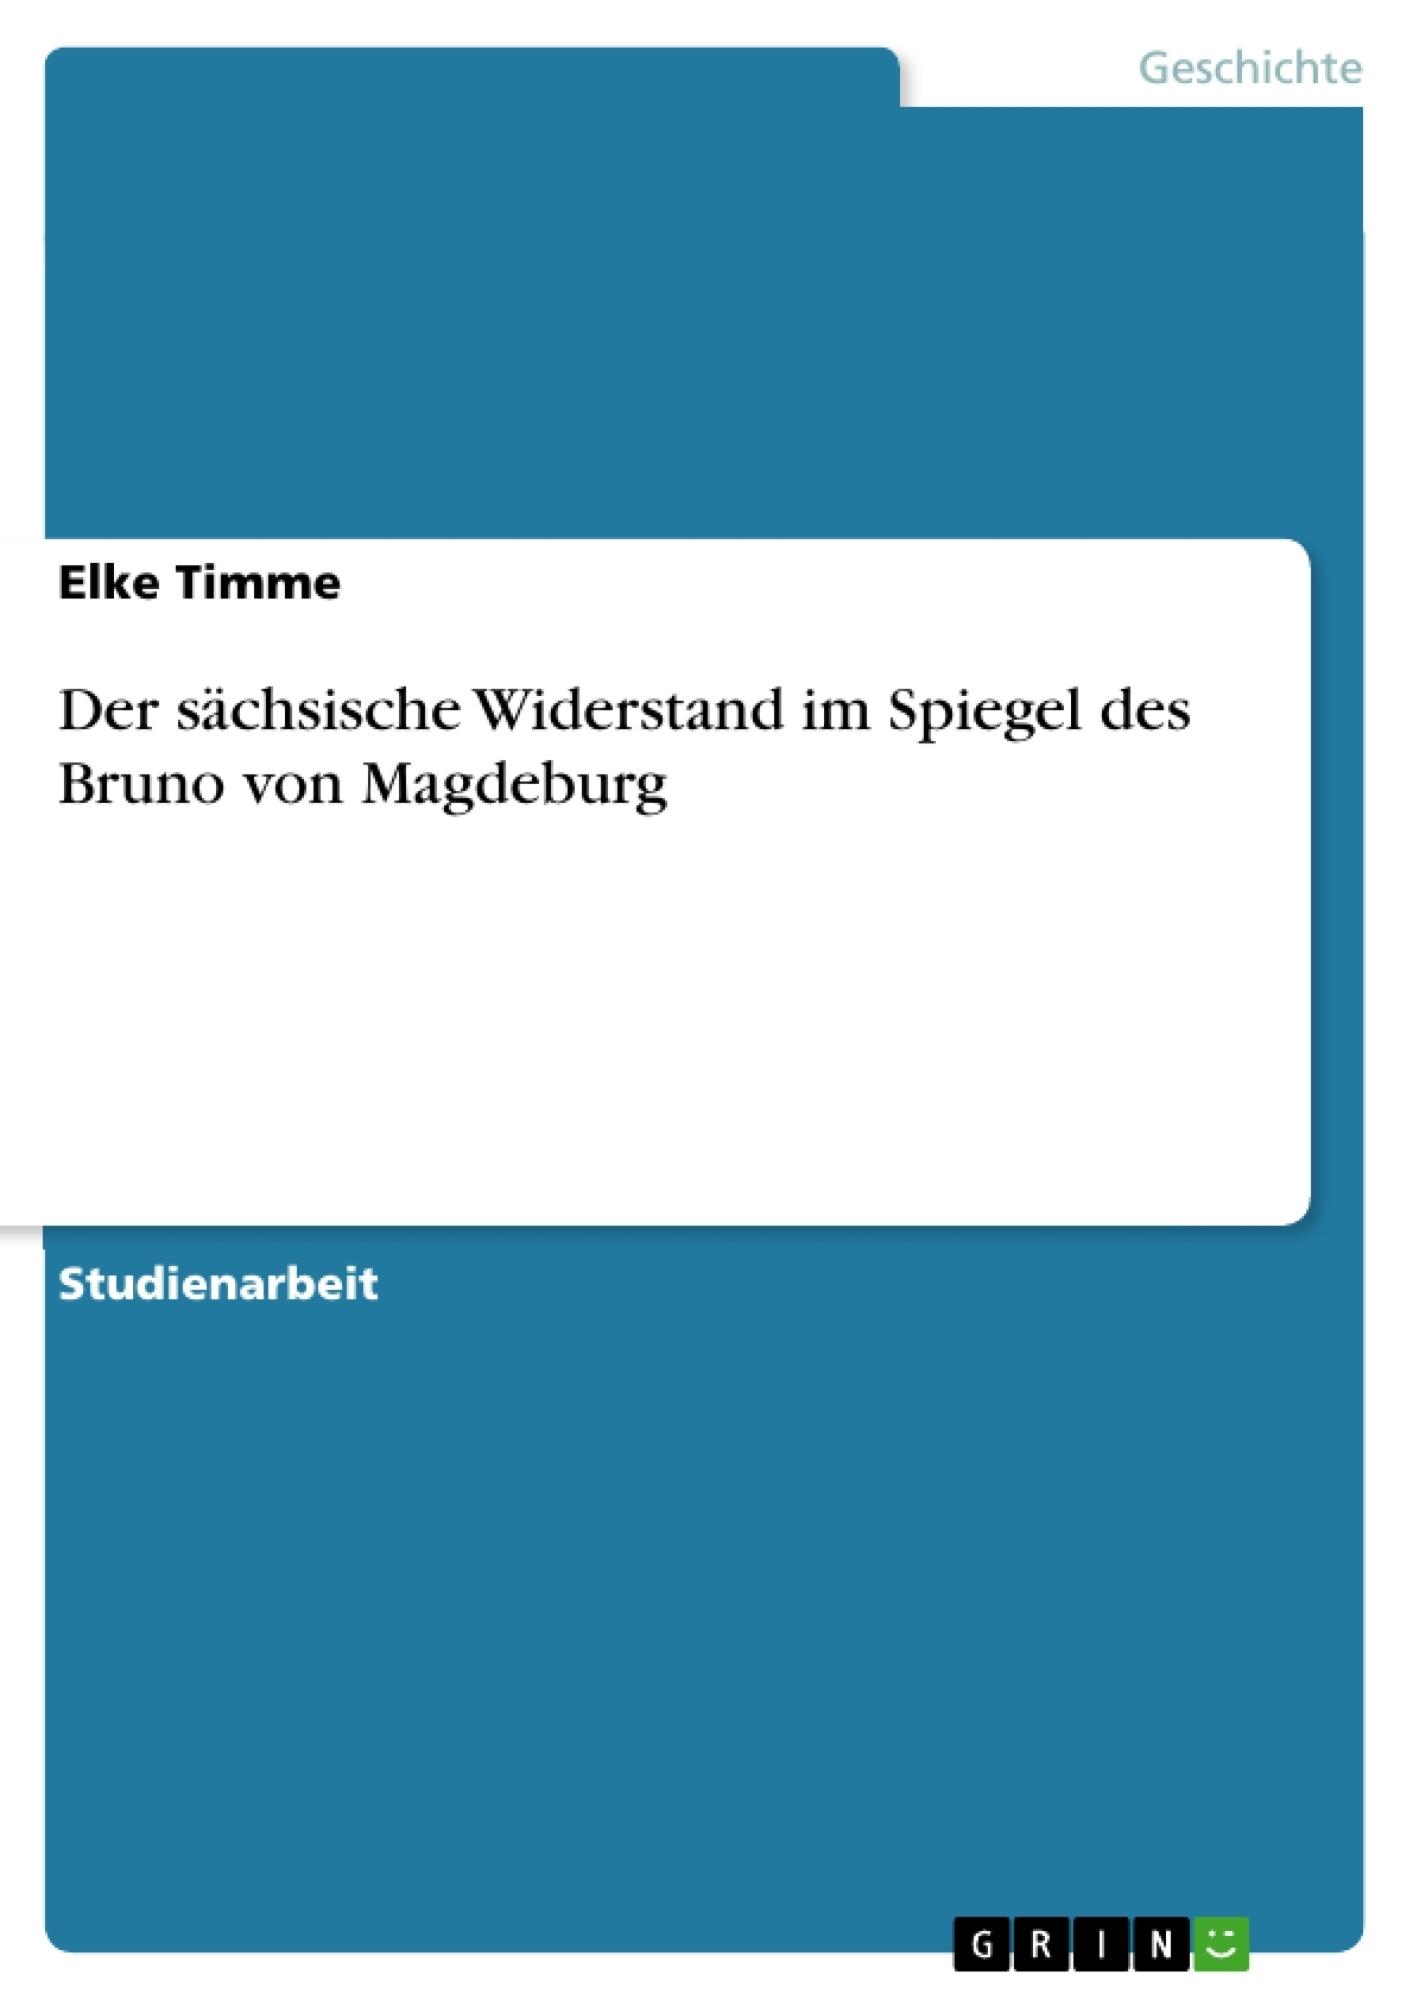 Titel: Der sächsische Widerstand im Spiegel des Bruno von Magdeburg